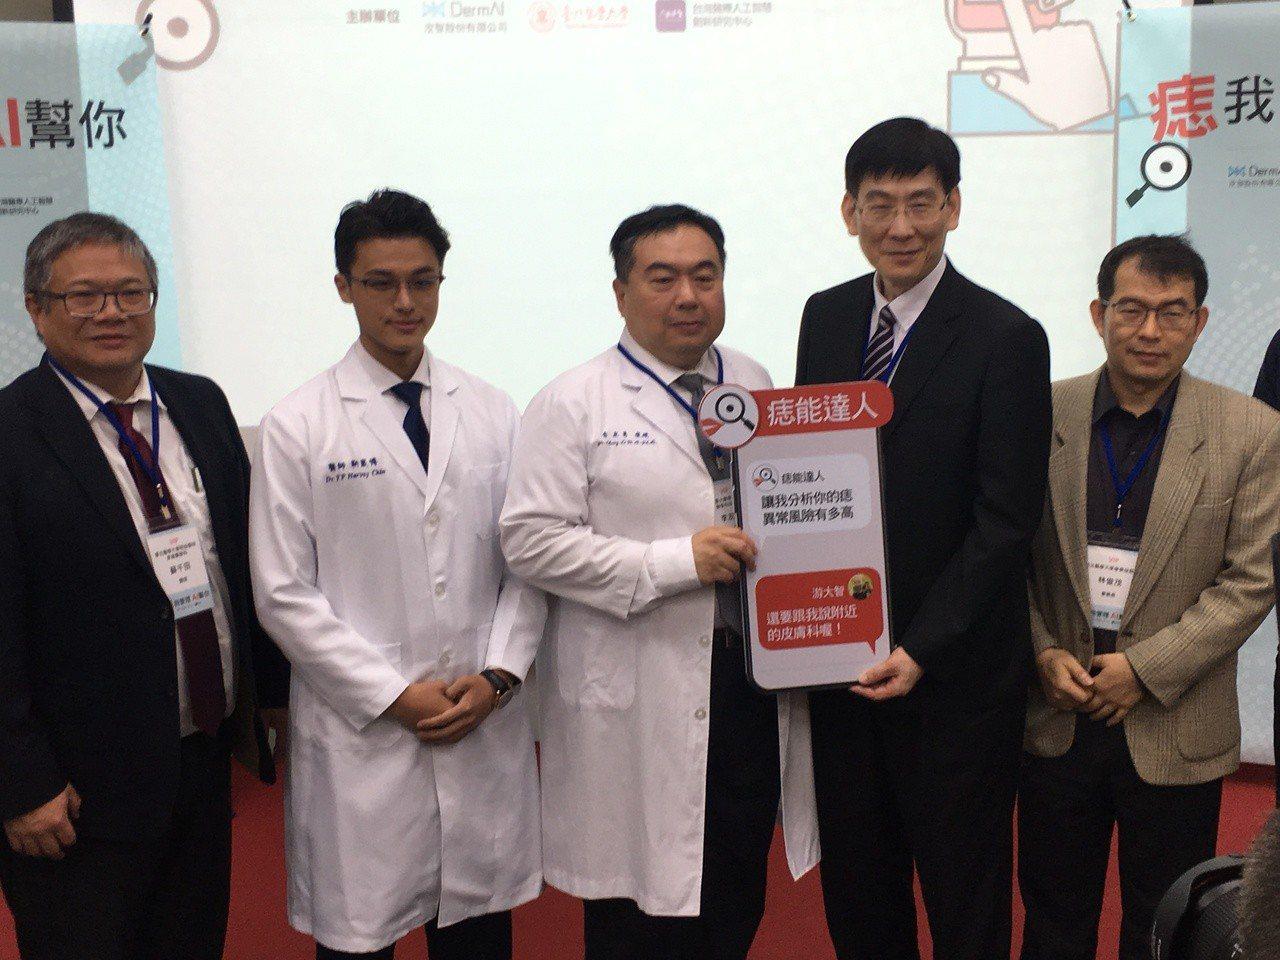 台北醫學大學今發表一款聊天機器人,內建超過5千筆醫療影像,只要拍下身上的痣再上傳...